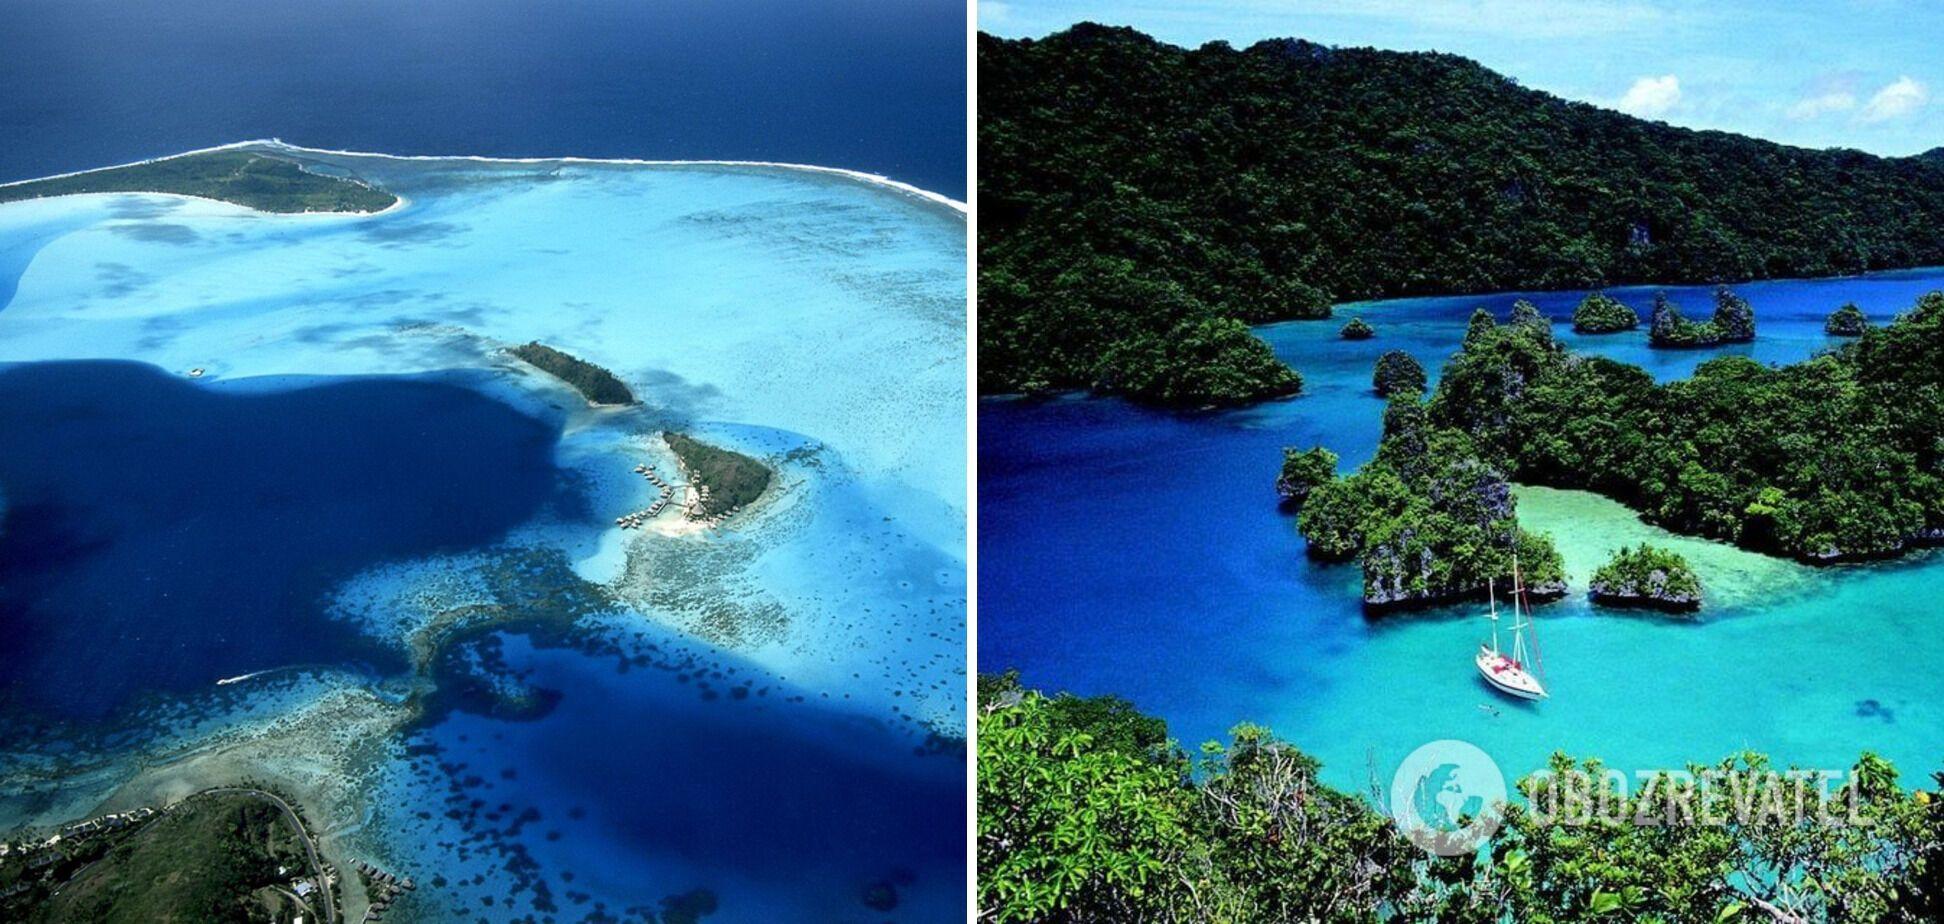 Остров Тартл окружен пальмами и зарослями экзотических цветов.